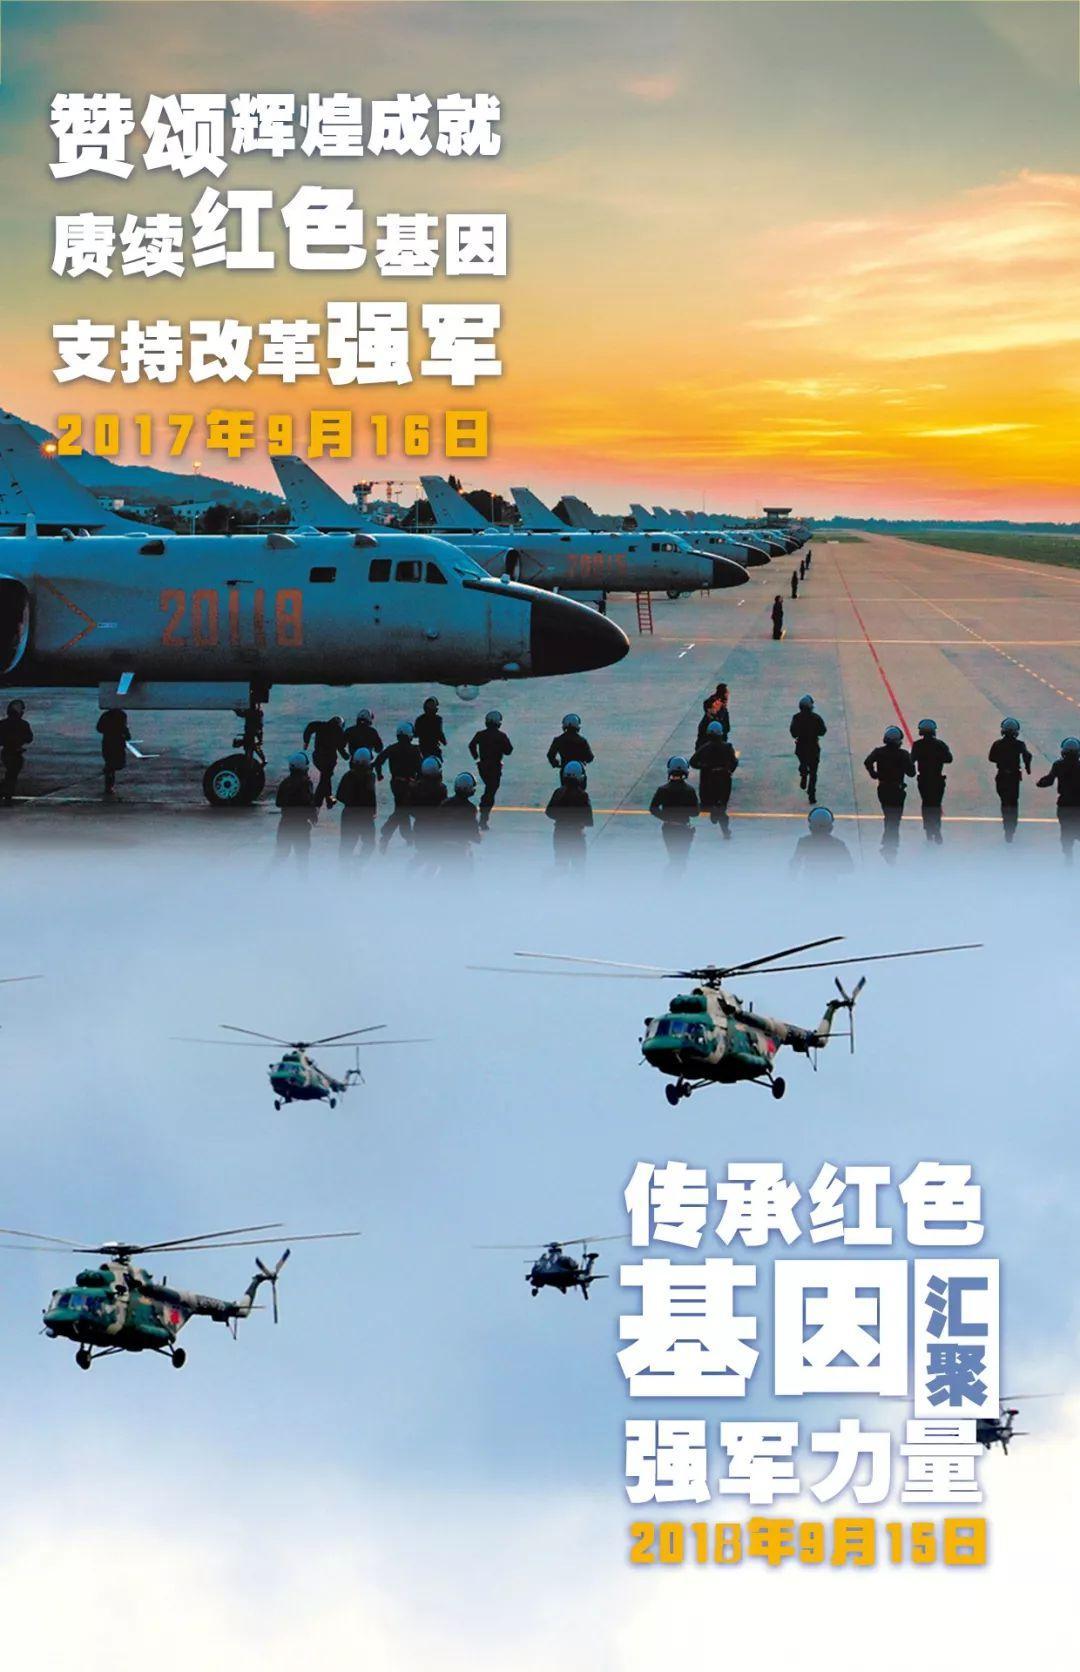 军事资讯_军事新闻  2013年9月21日 \